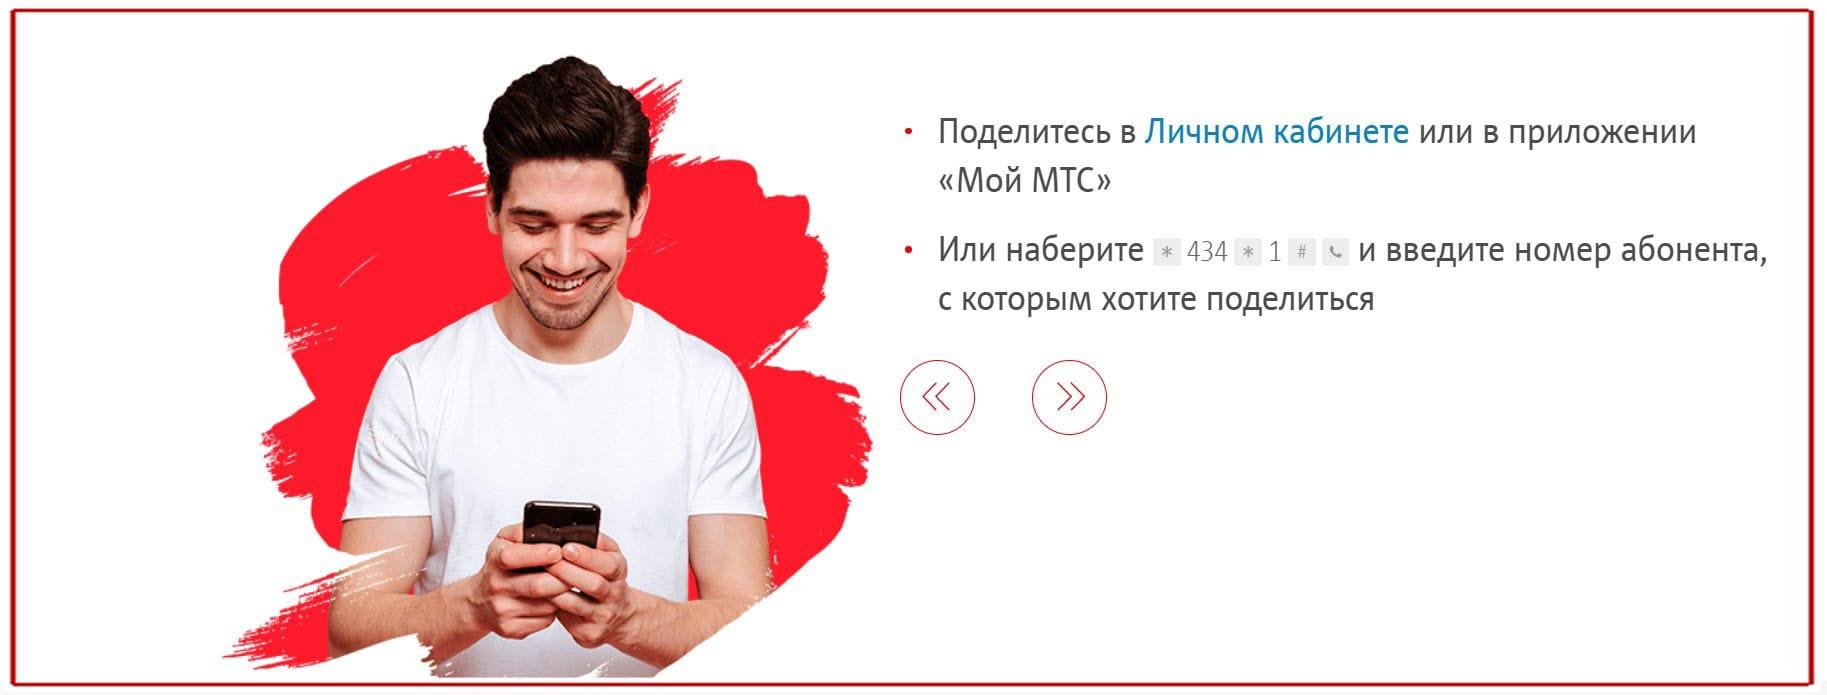 usluga-edinyiy-internet-mts.jpg